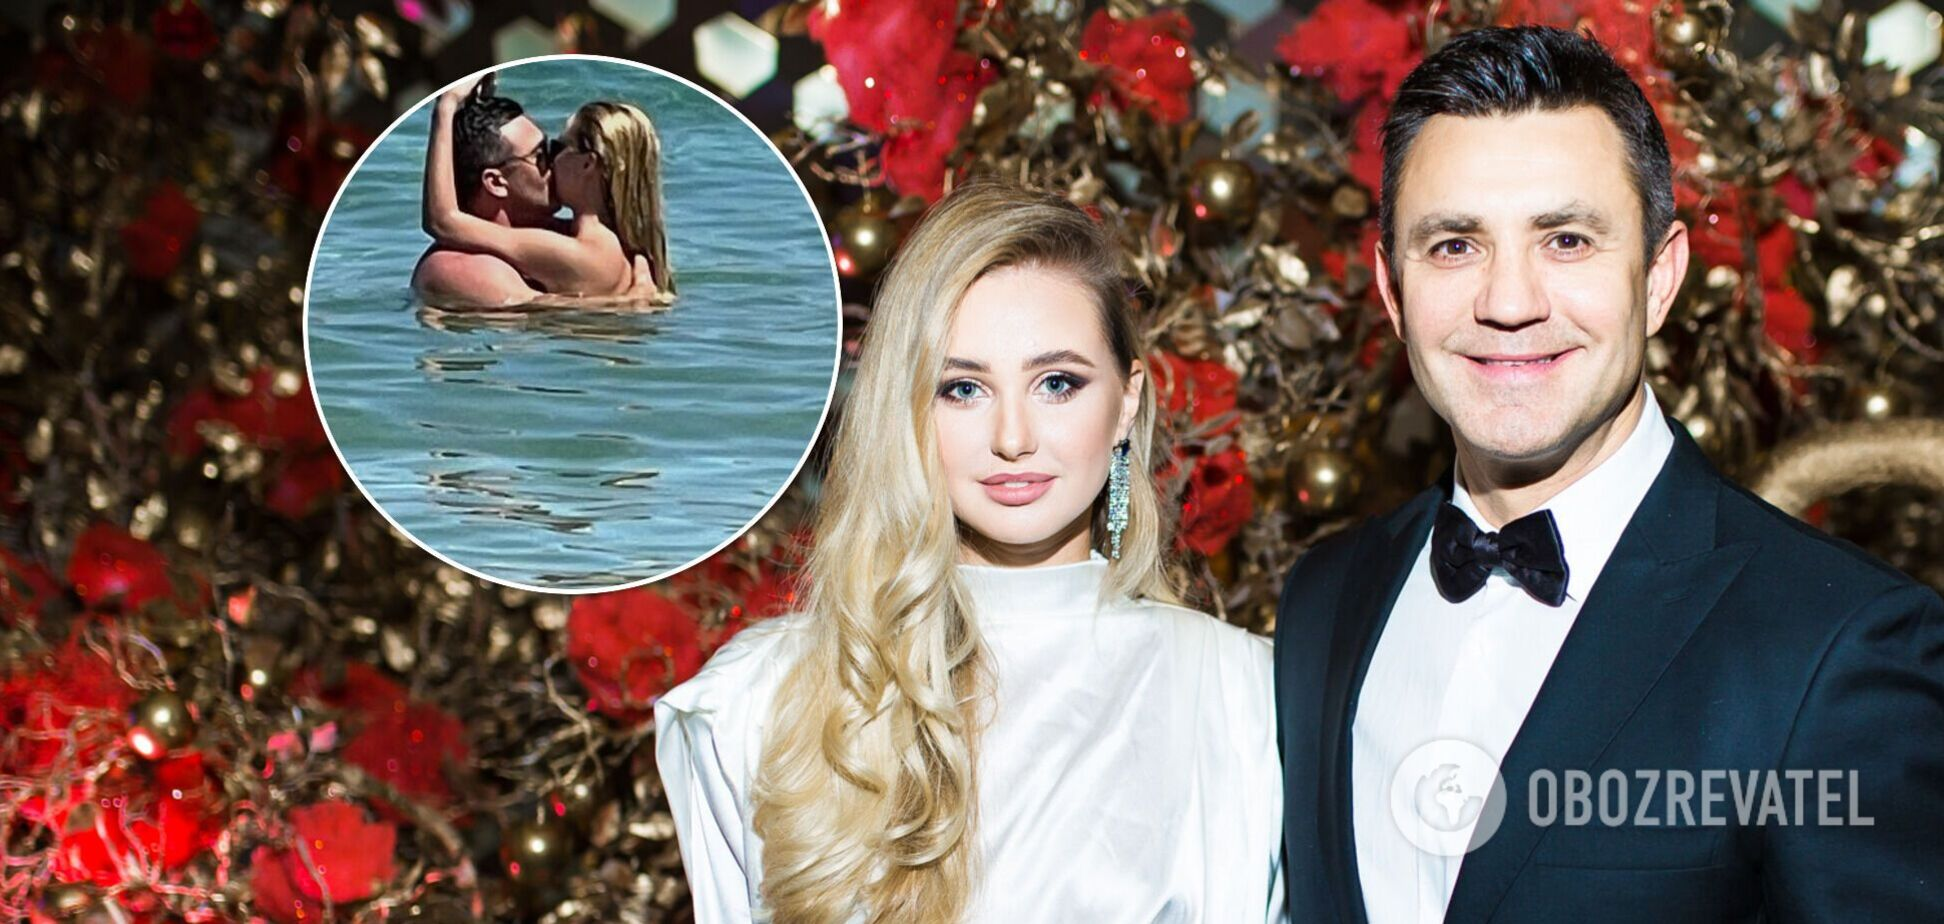 Тищенко с женой заметили на отдыхе на элитном курорте Европы. Фото